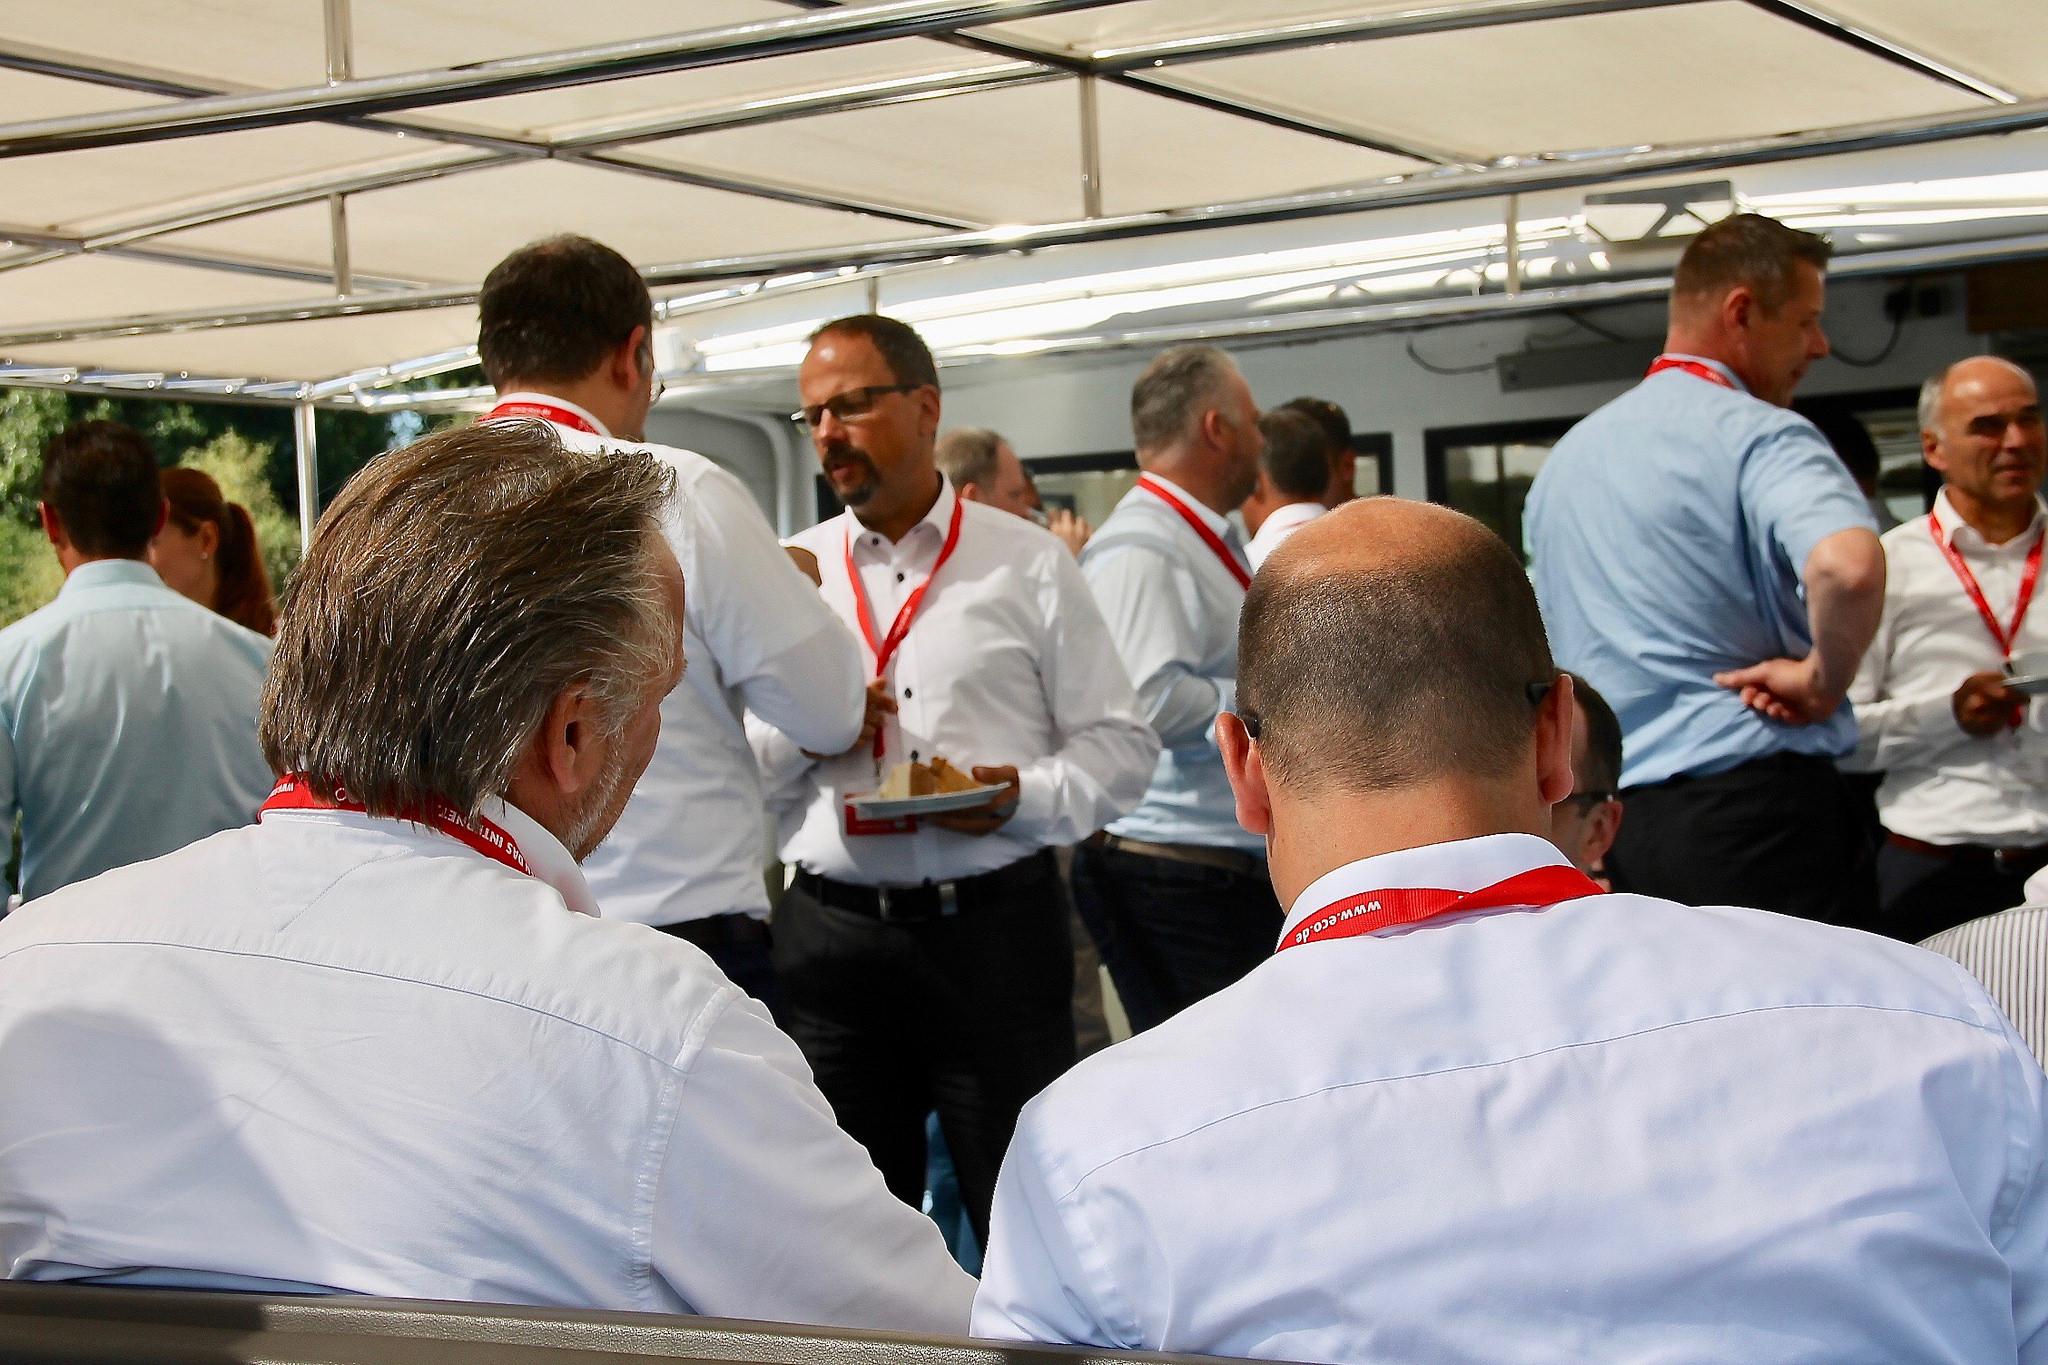 Wissenstransfer, Networking und Business Talk in entspannter Atmosphäre